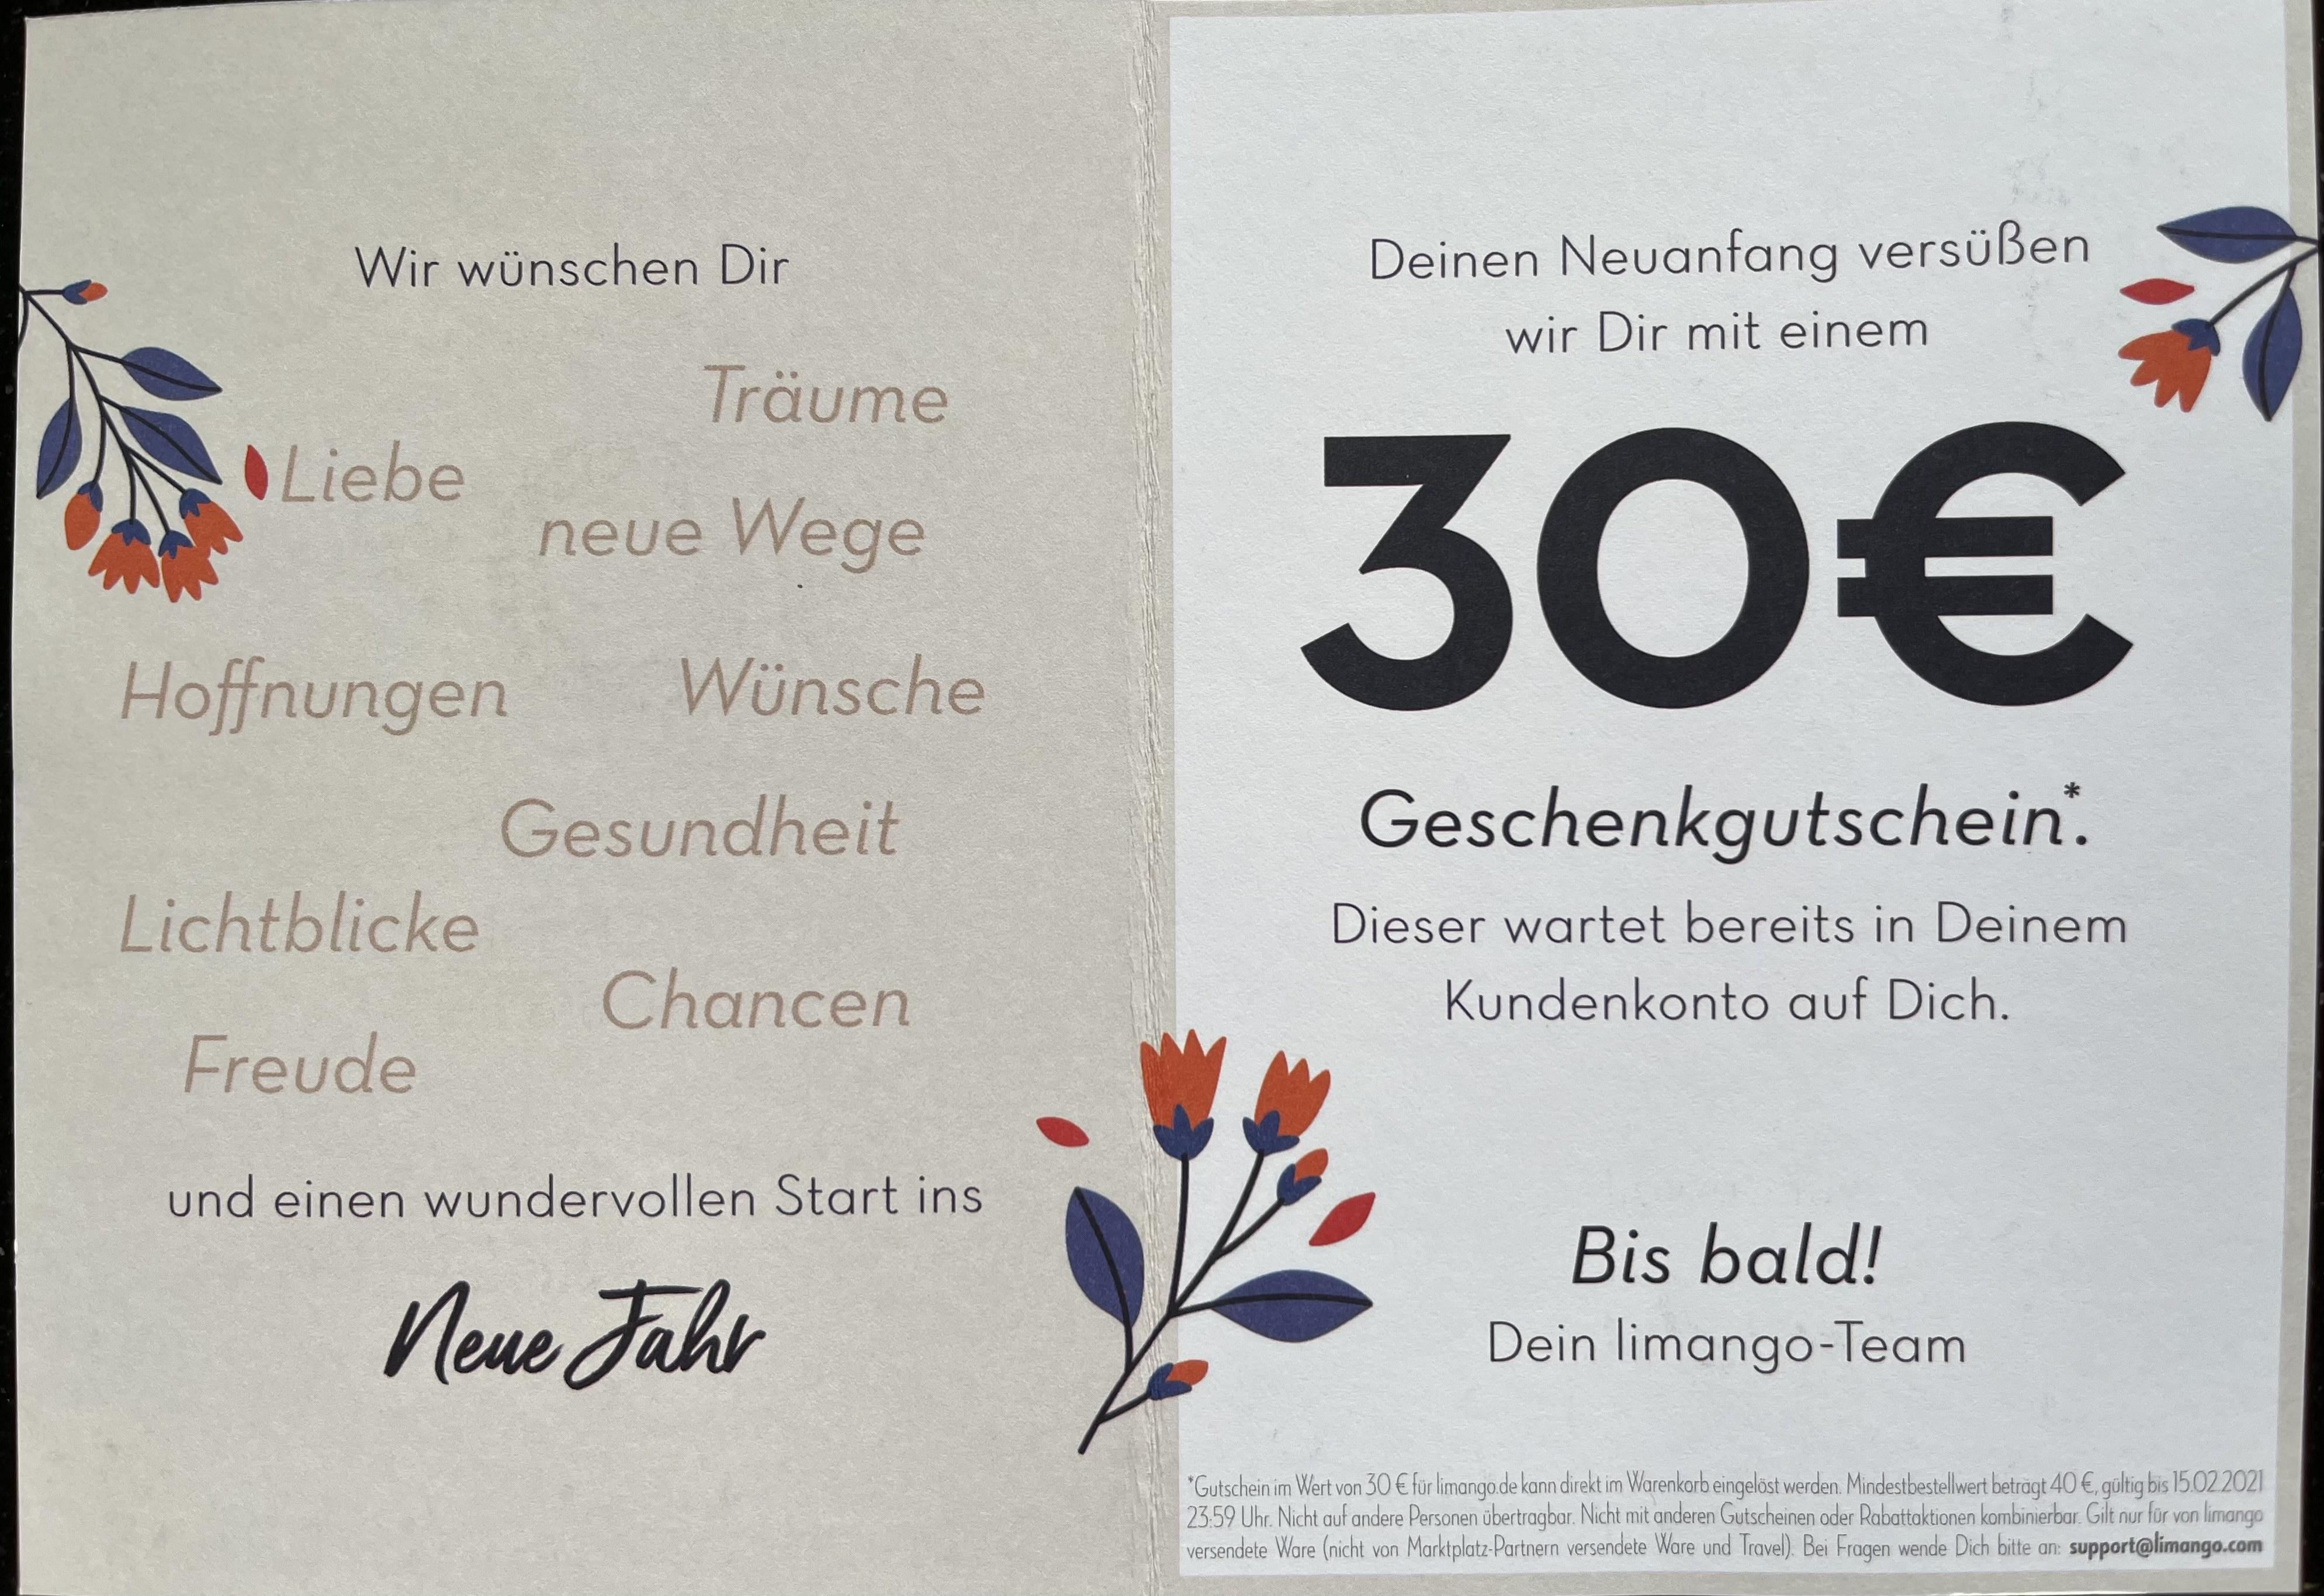 [Personalisiert] 30 Euro Gutschein bei Limango - MBW 40 Euro